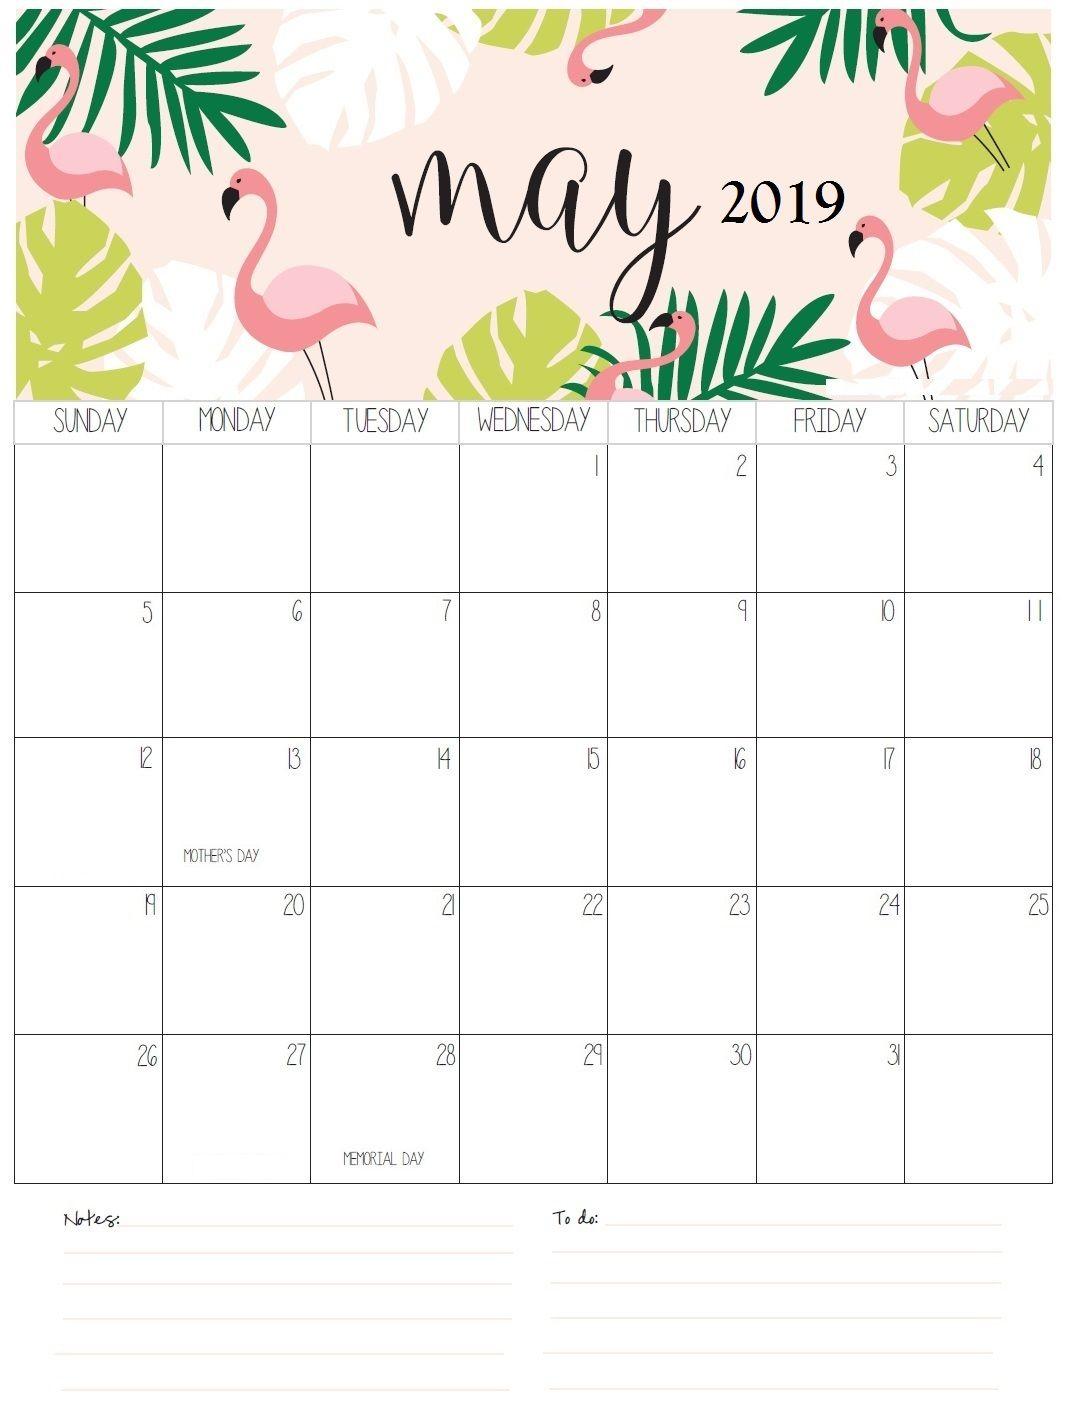 Personalized May Calendar 2019 #May #May2019